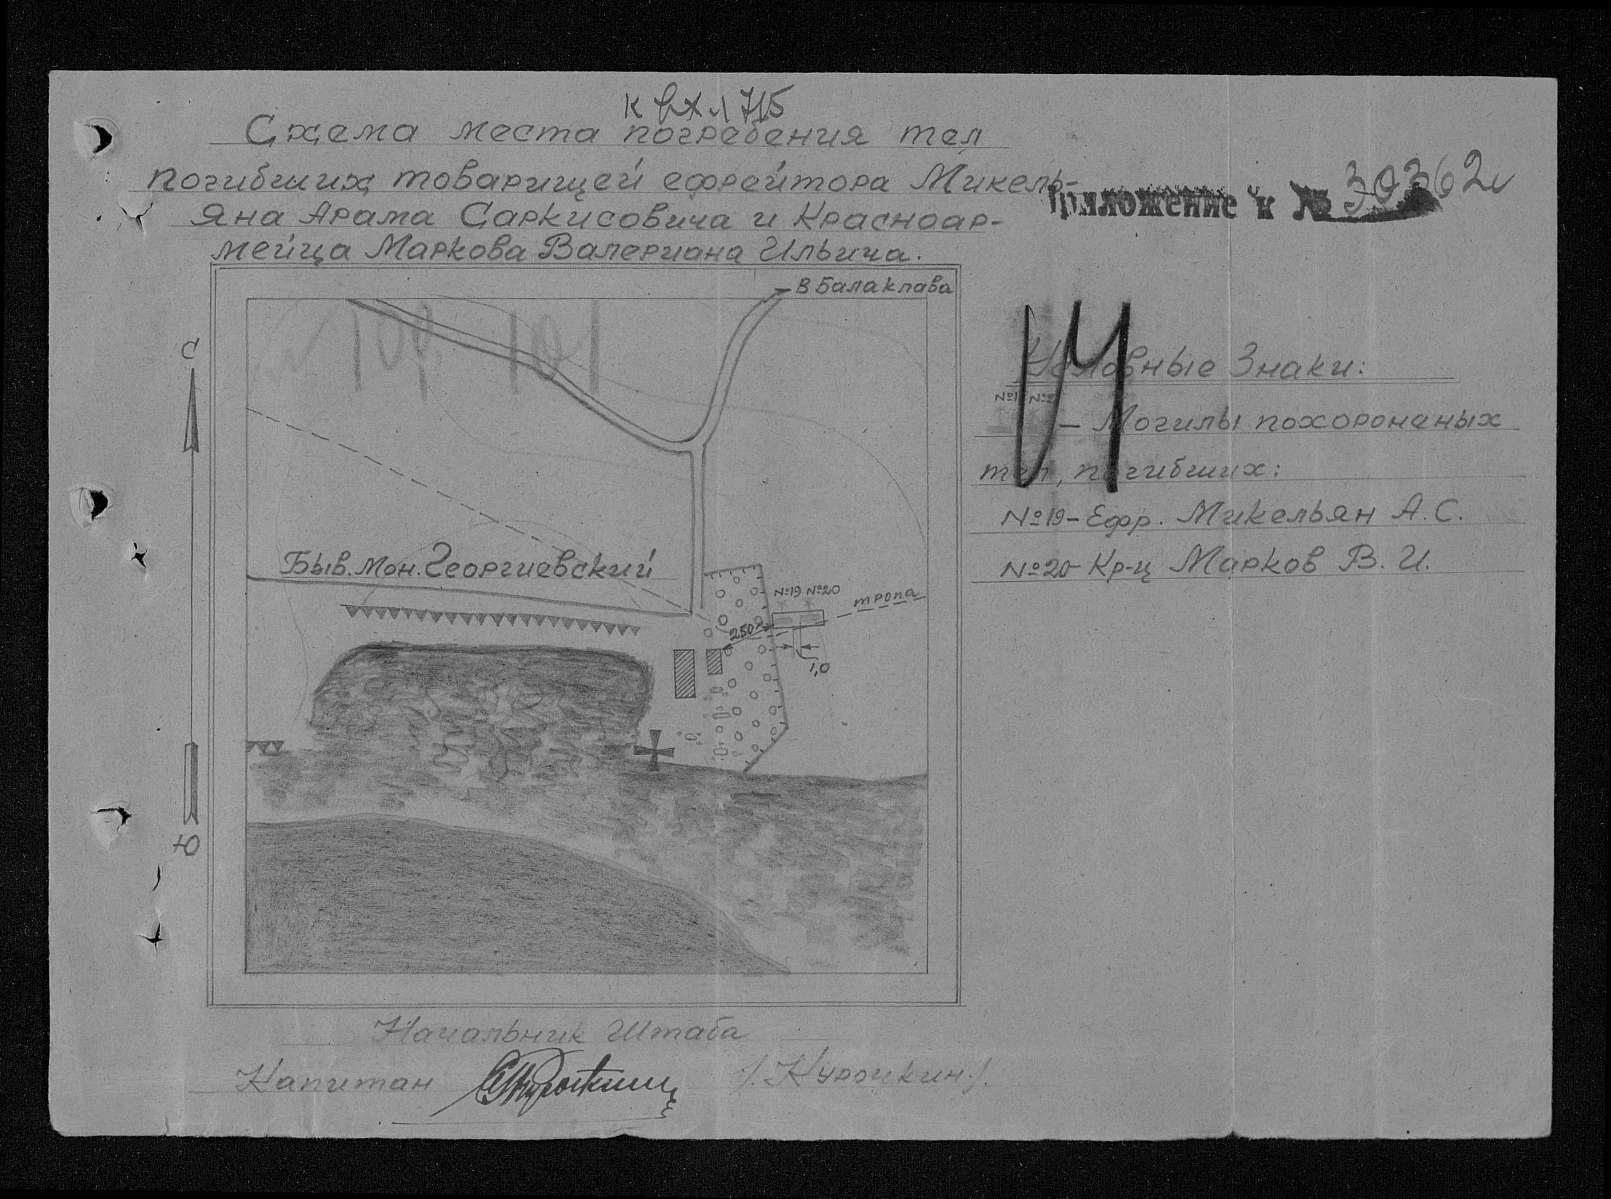 Схема погребения ефрейтора Микельяна А.С. и к/а Маркова В.И.